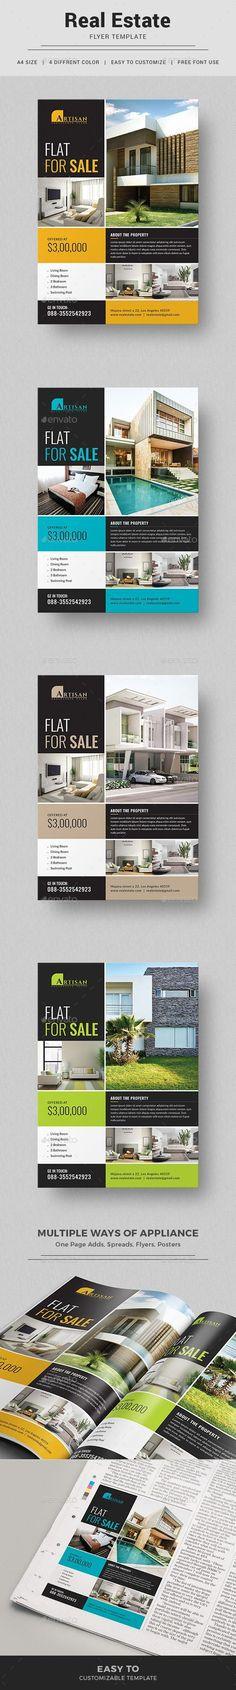 Real Estate Flyer Template PSD. Download here: https://graphicriver.net/item/real-estate-flyer/17525381?ref=ksioks #realestatemarketingtools